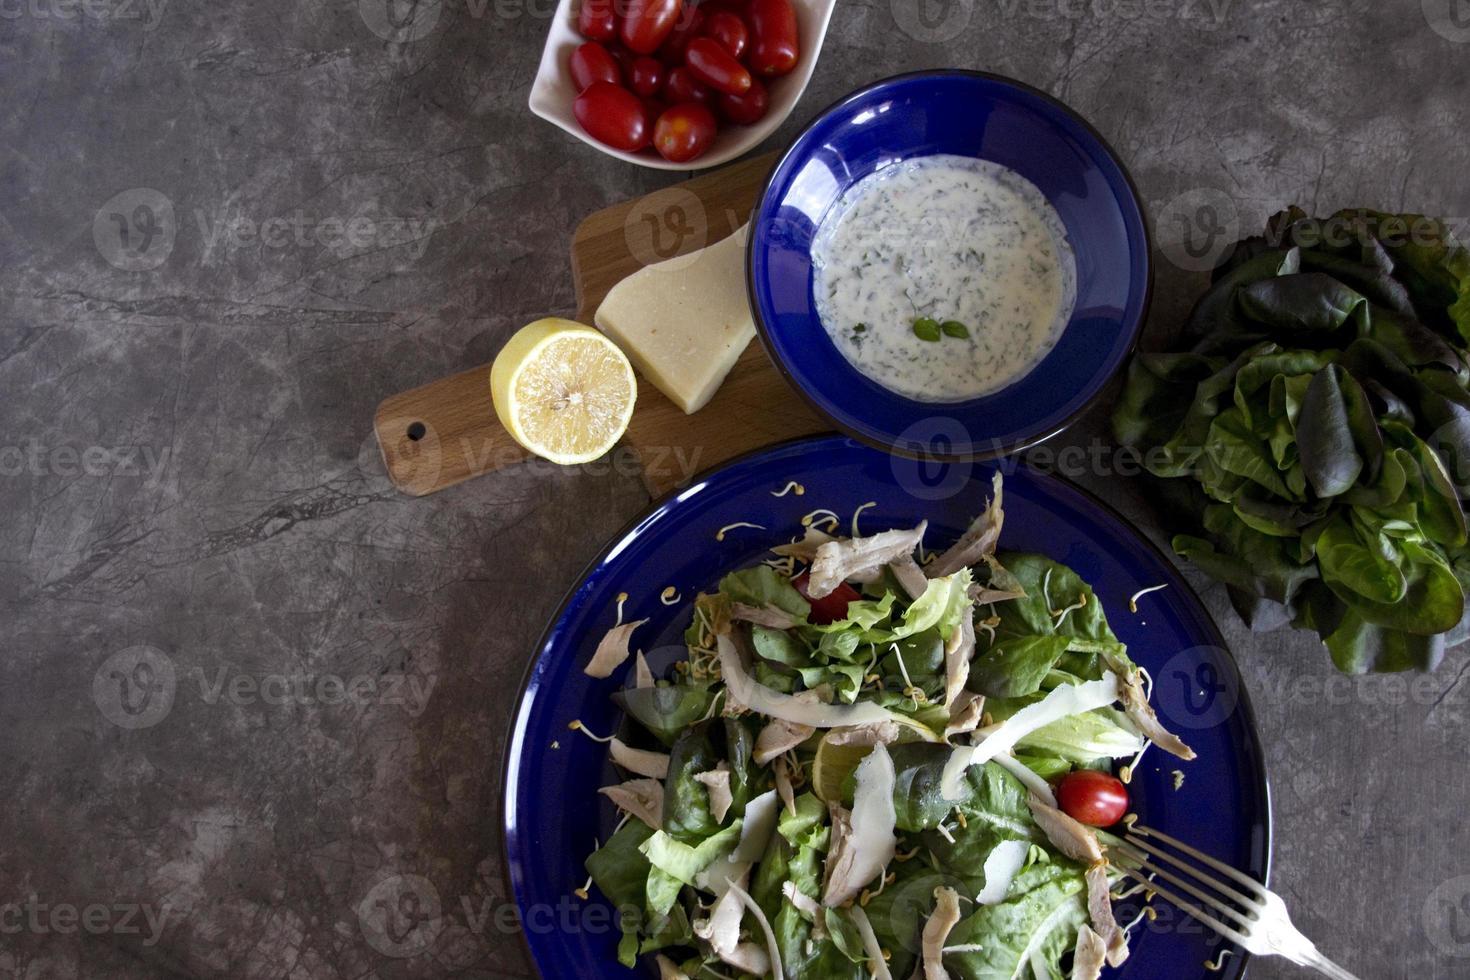 salade de poulet saine photo